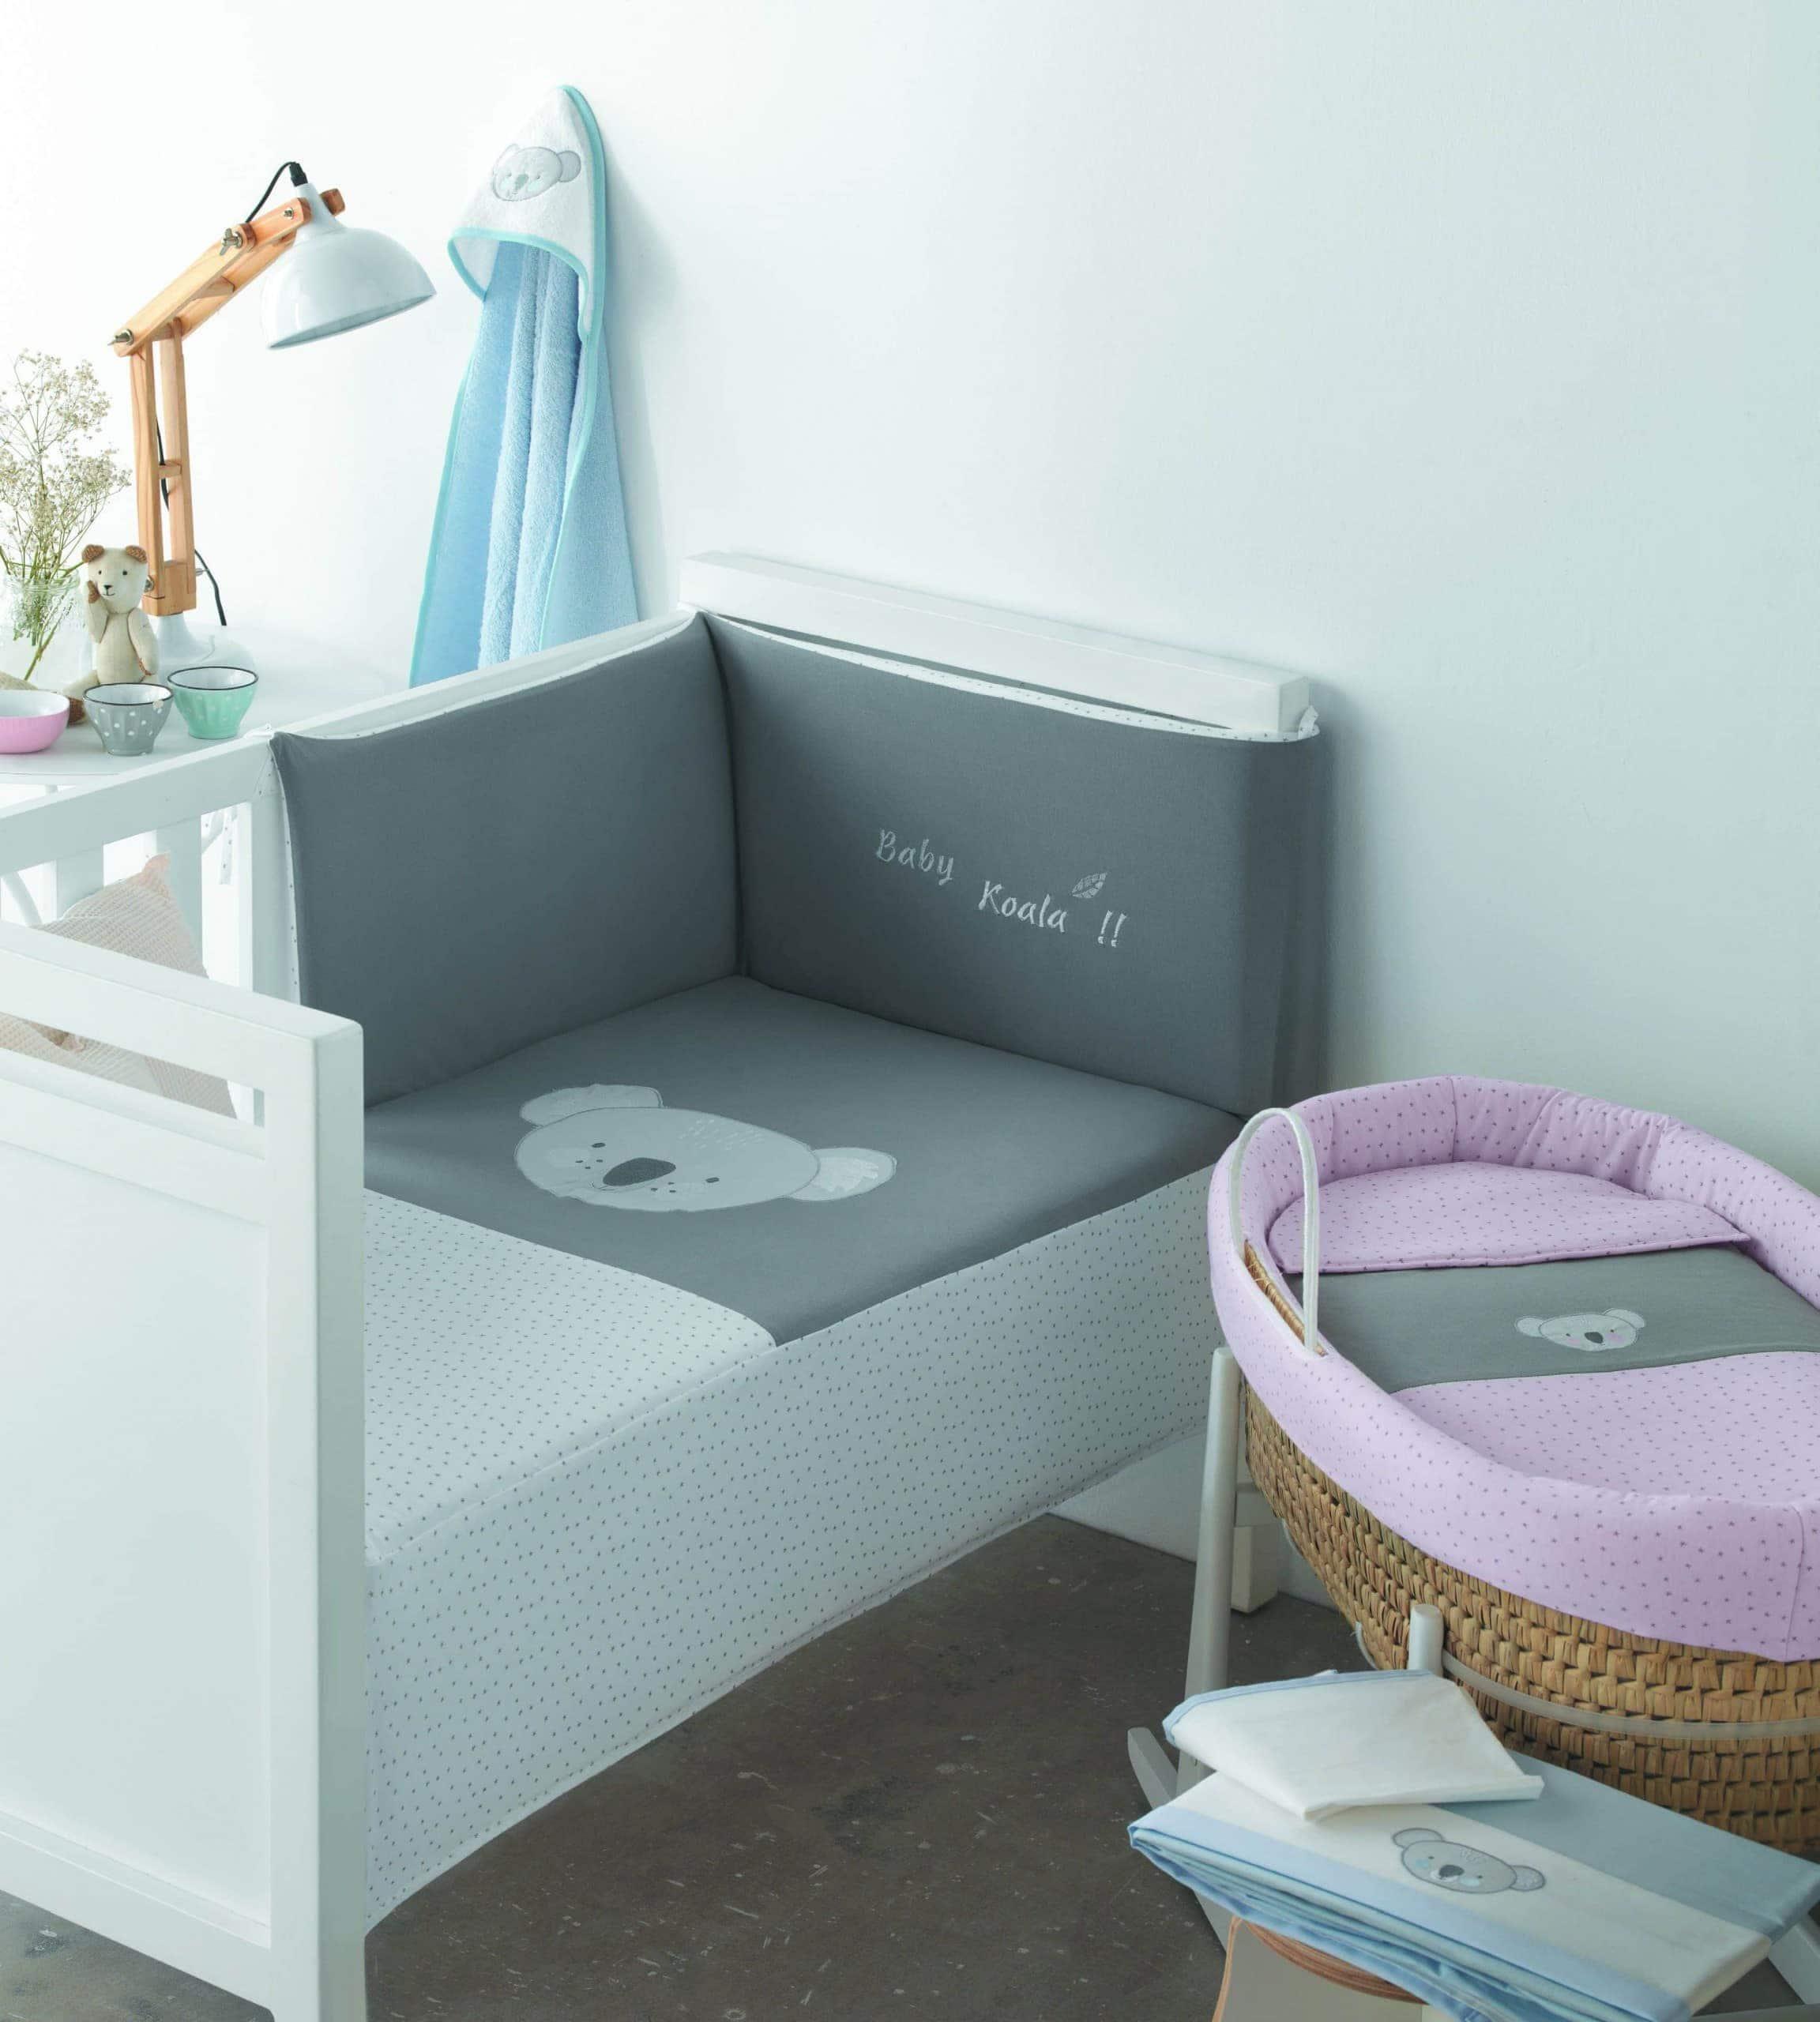 oferta textil para cuna de bebe